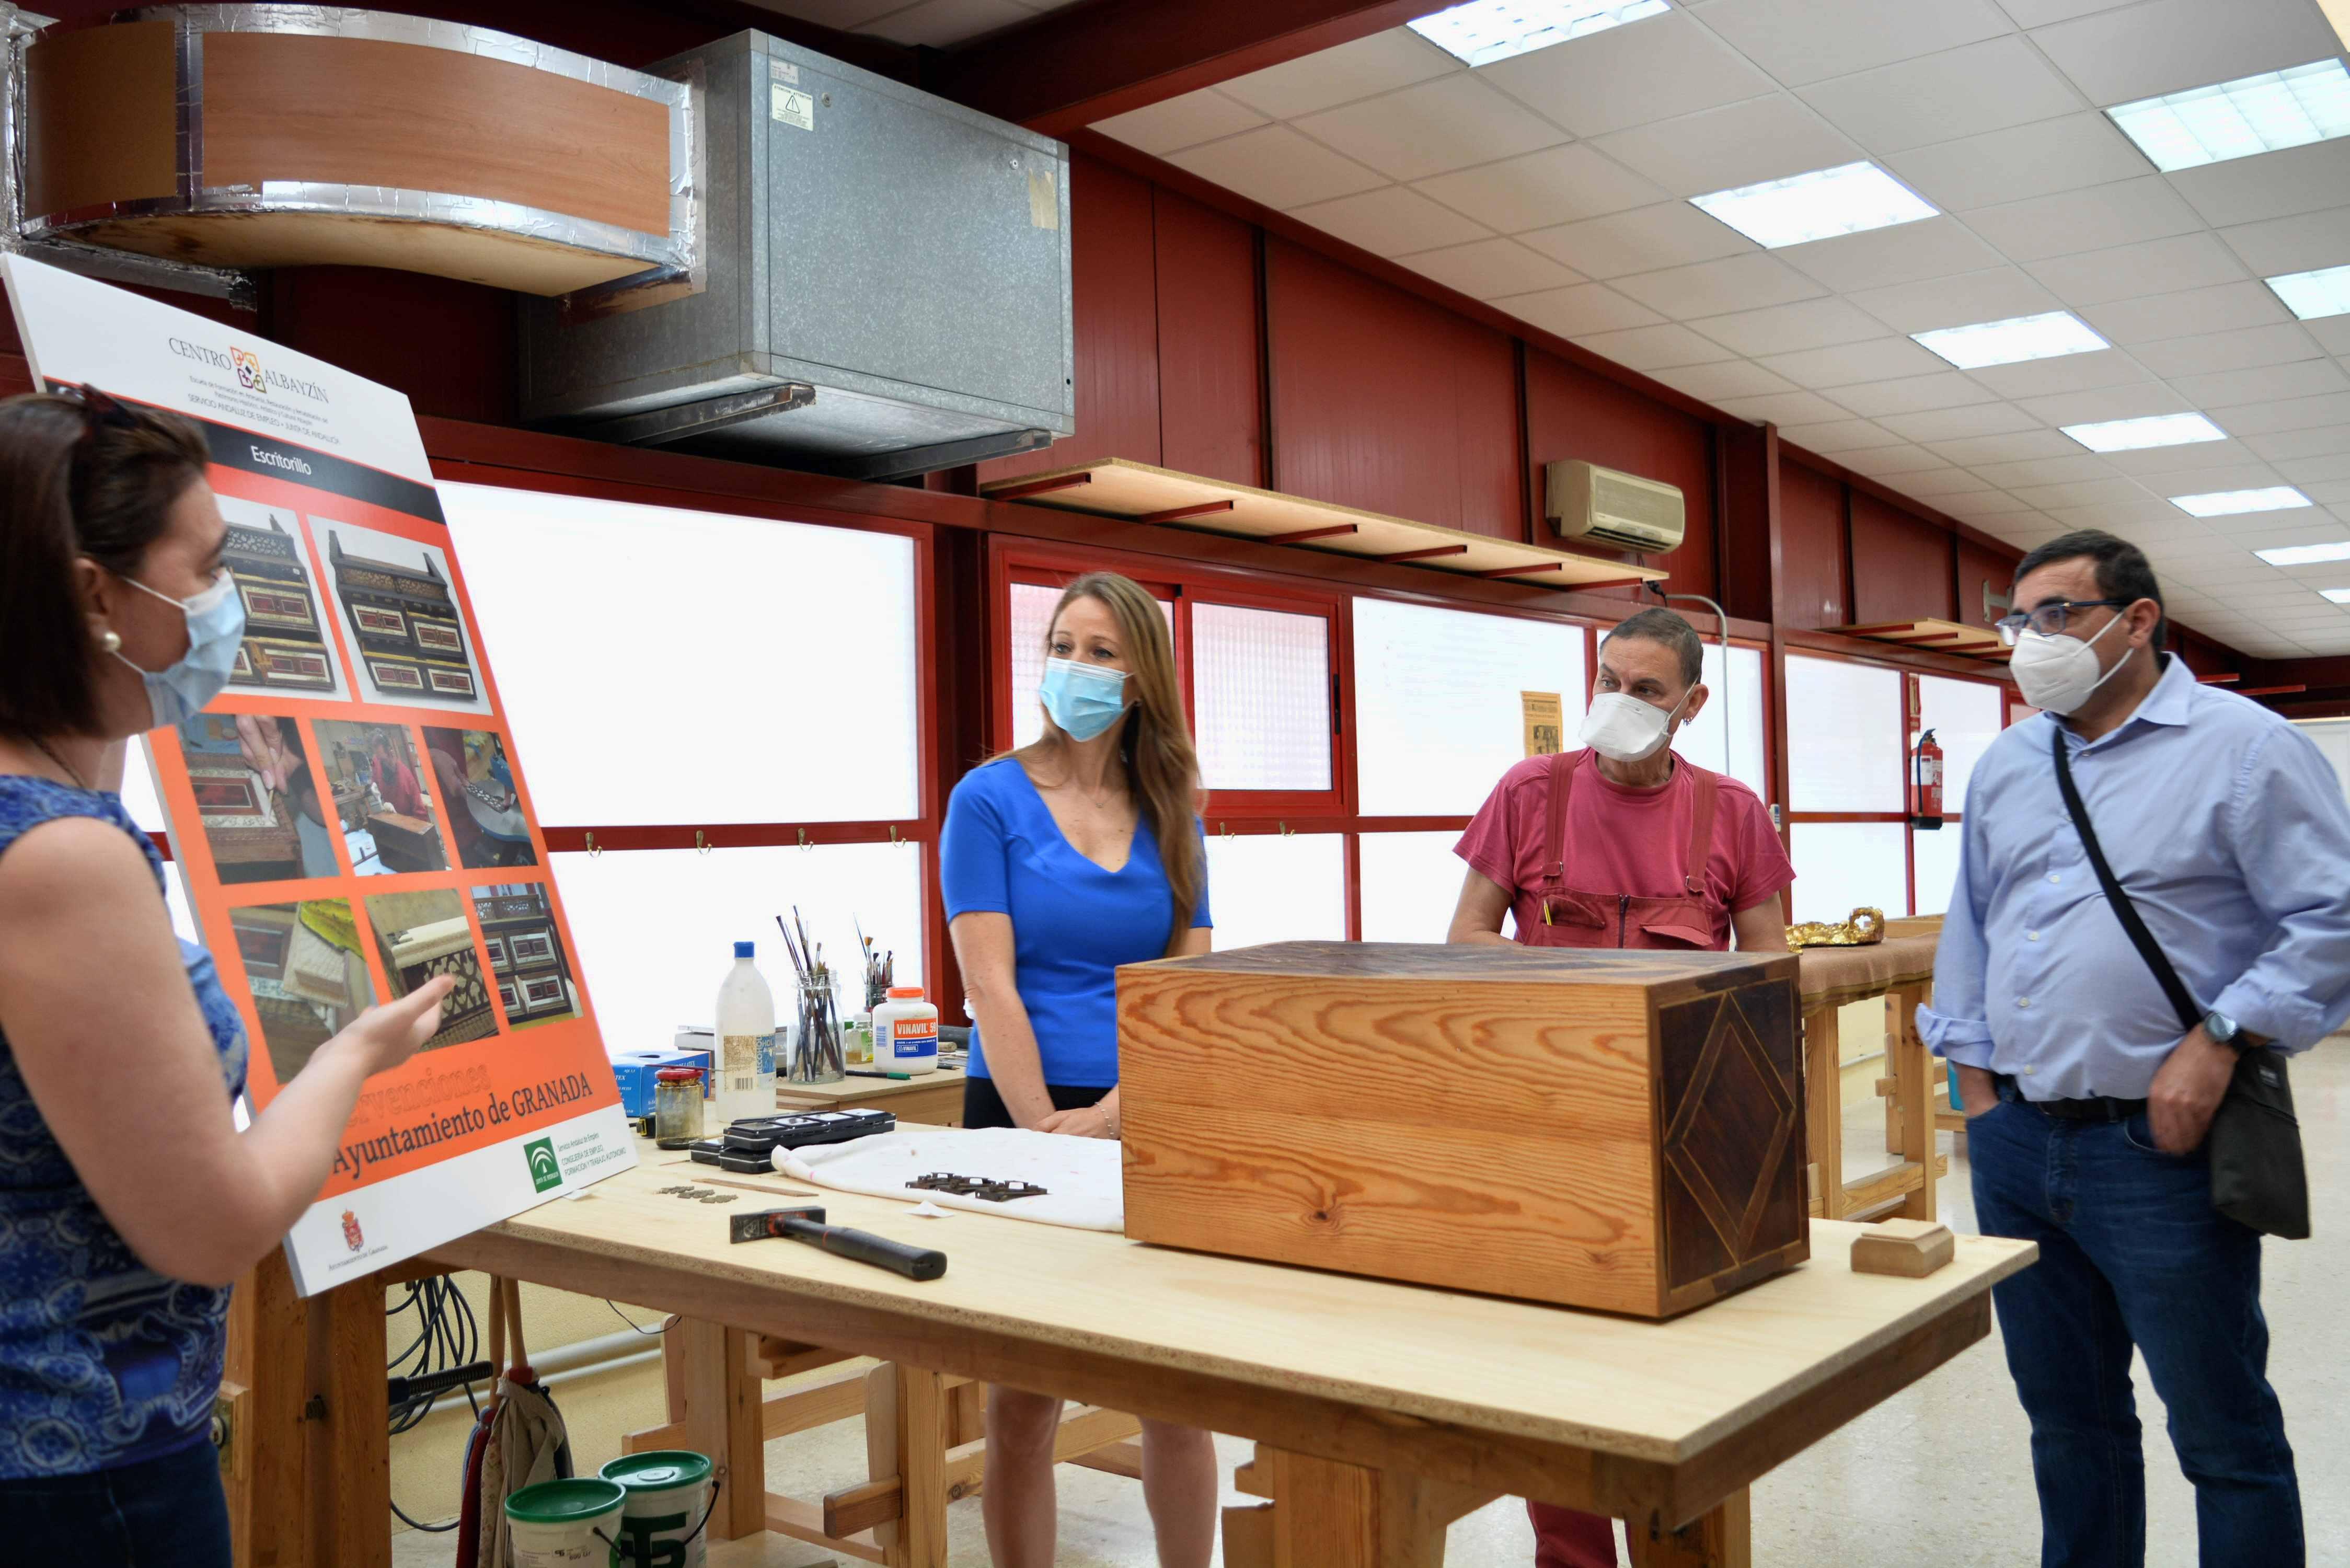 El Centro Albayzín reactiva su actividad con un curso que permite la recuperación del patrimonio artístico